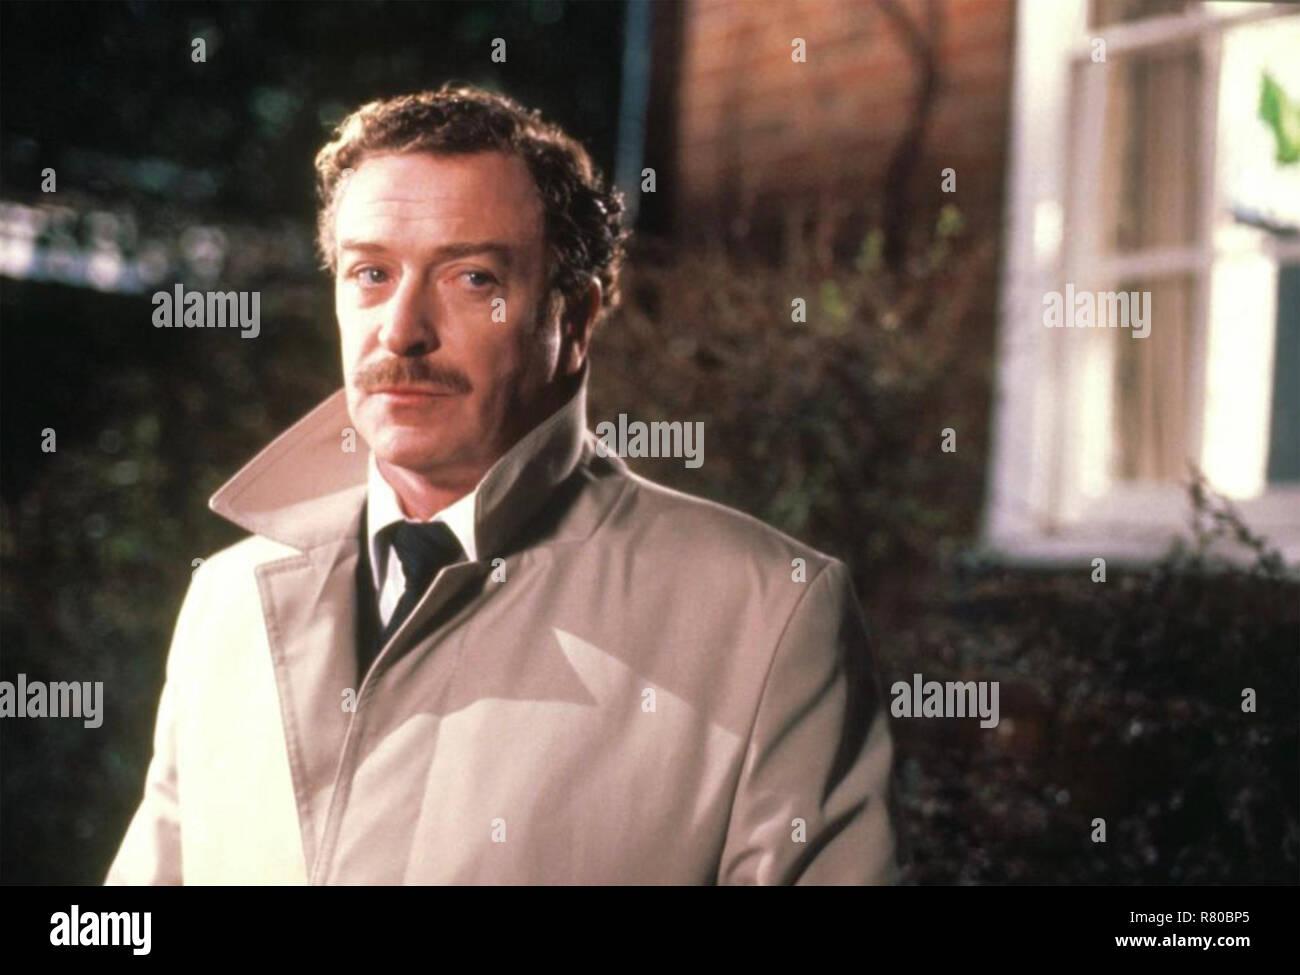 Die stichsäge Mann 1983 Evangrove Film mit Michael Caine Stockbild